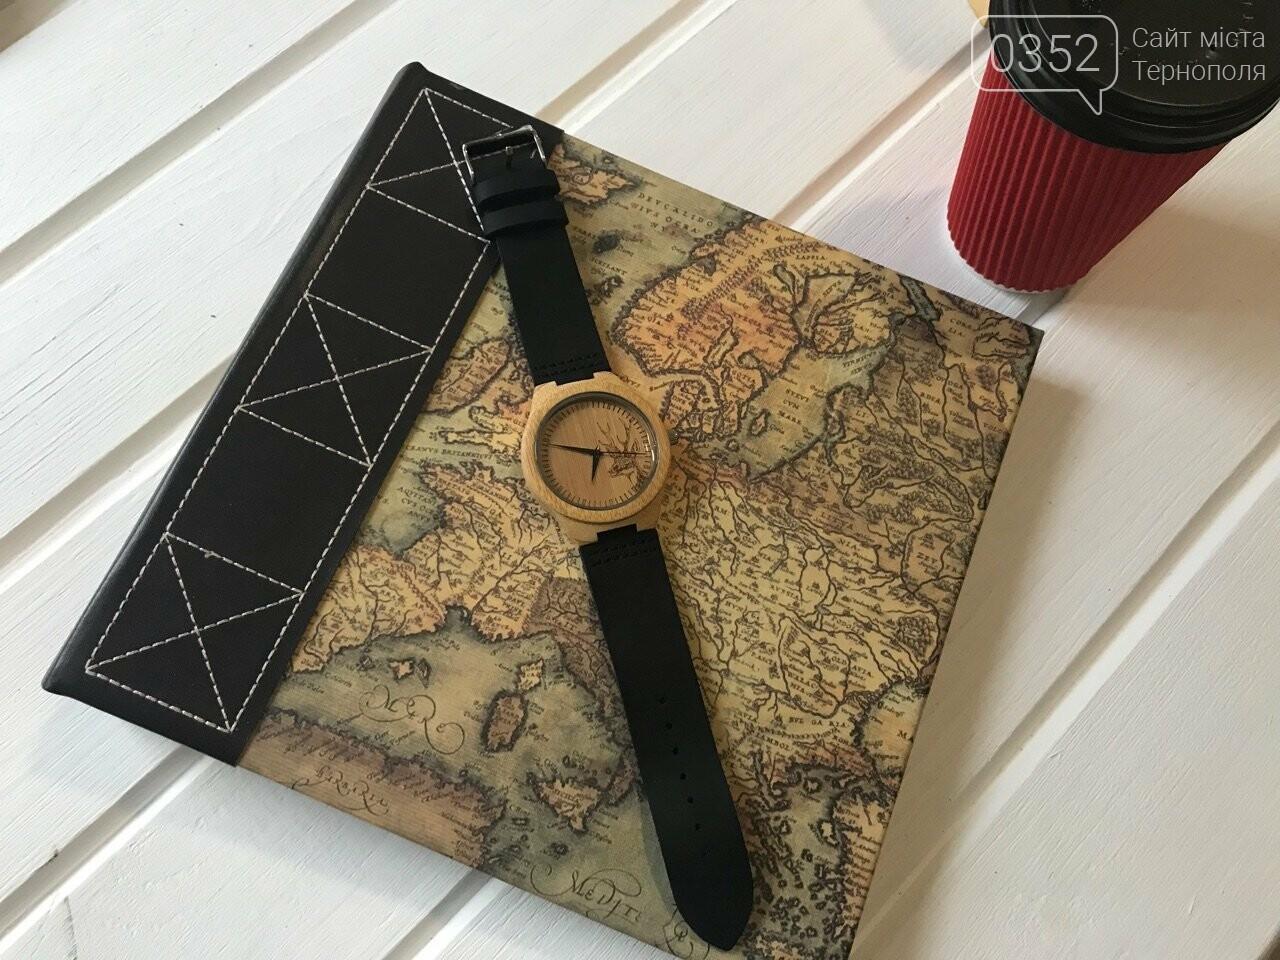 Найкращий подарунок! Наручний годинник зі 100% натуральної деревини, фото-1